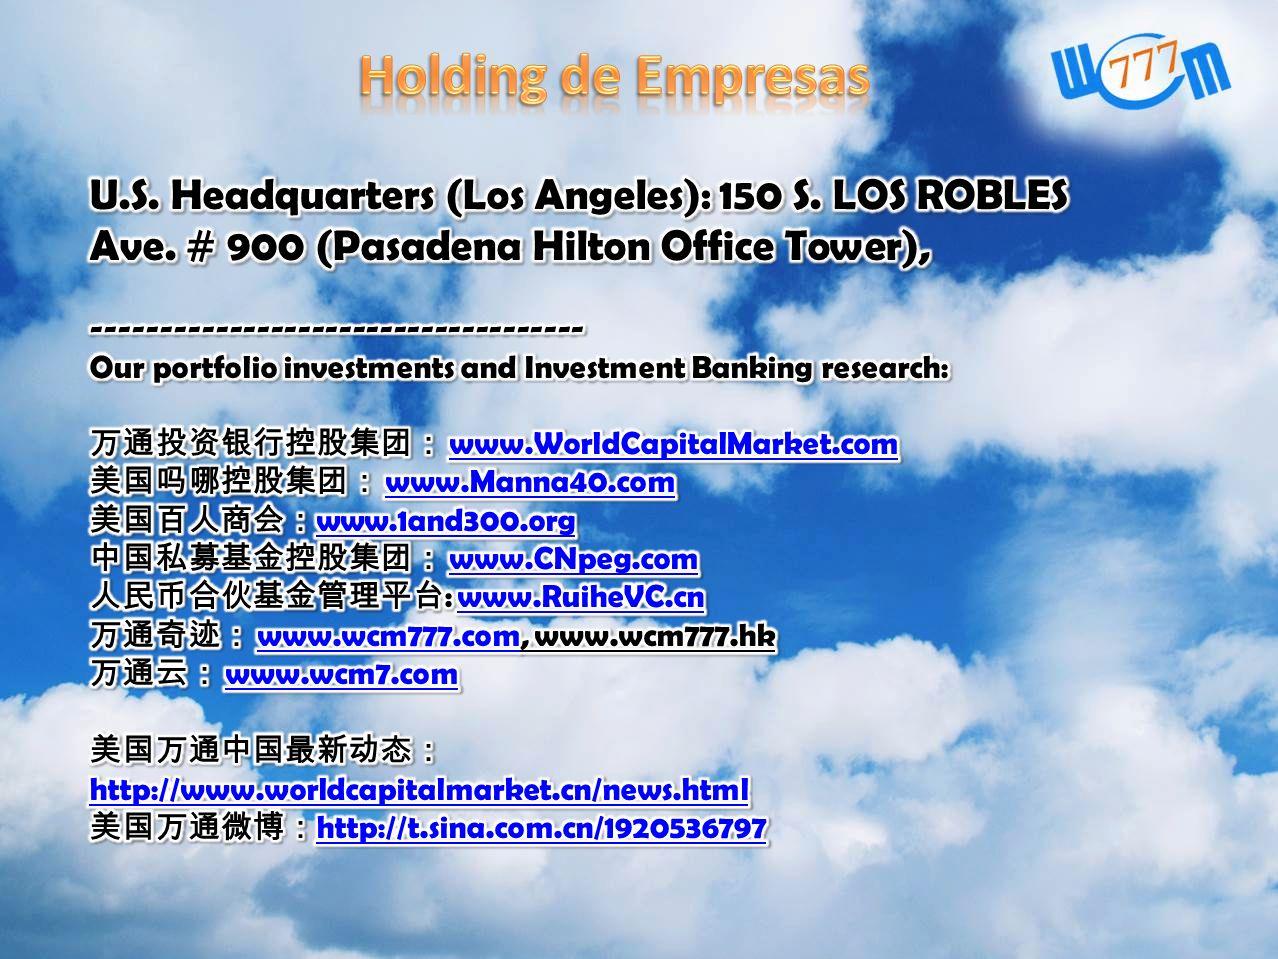 Holding de Empresas